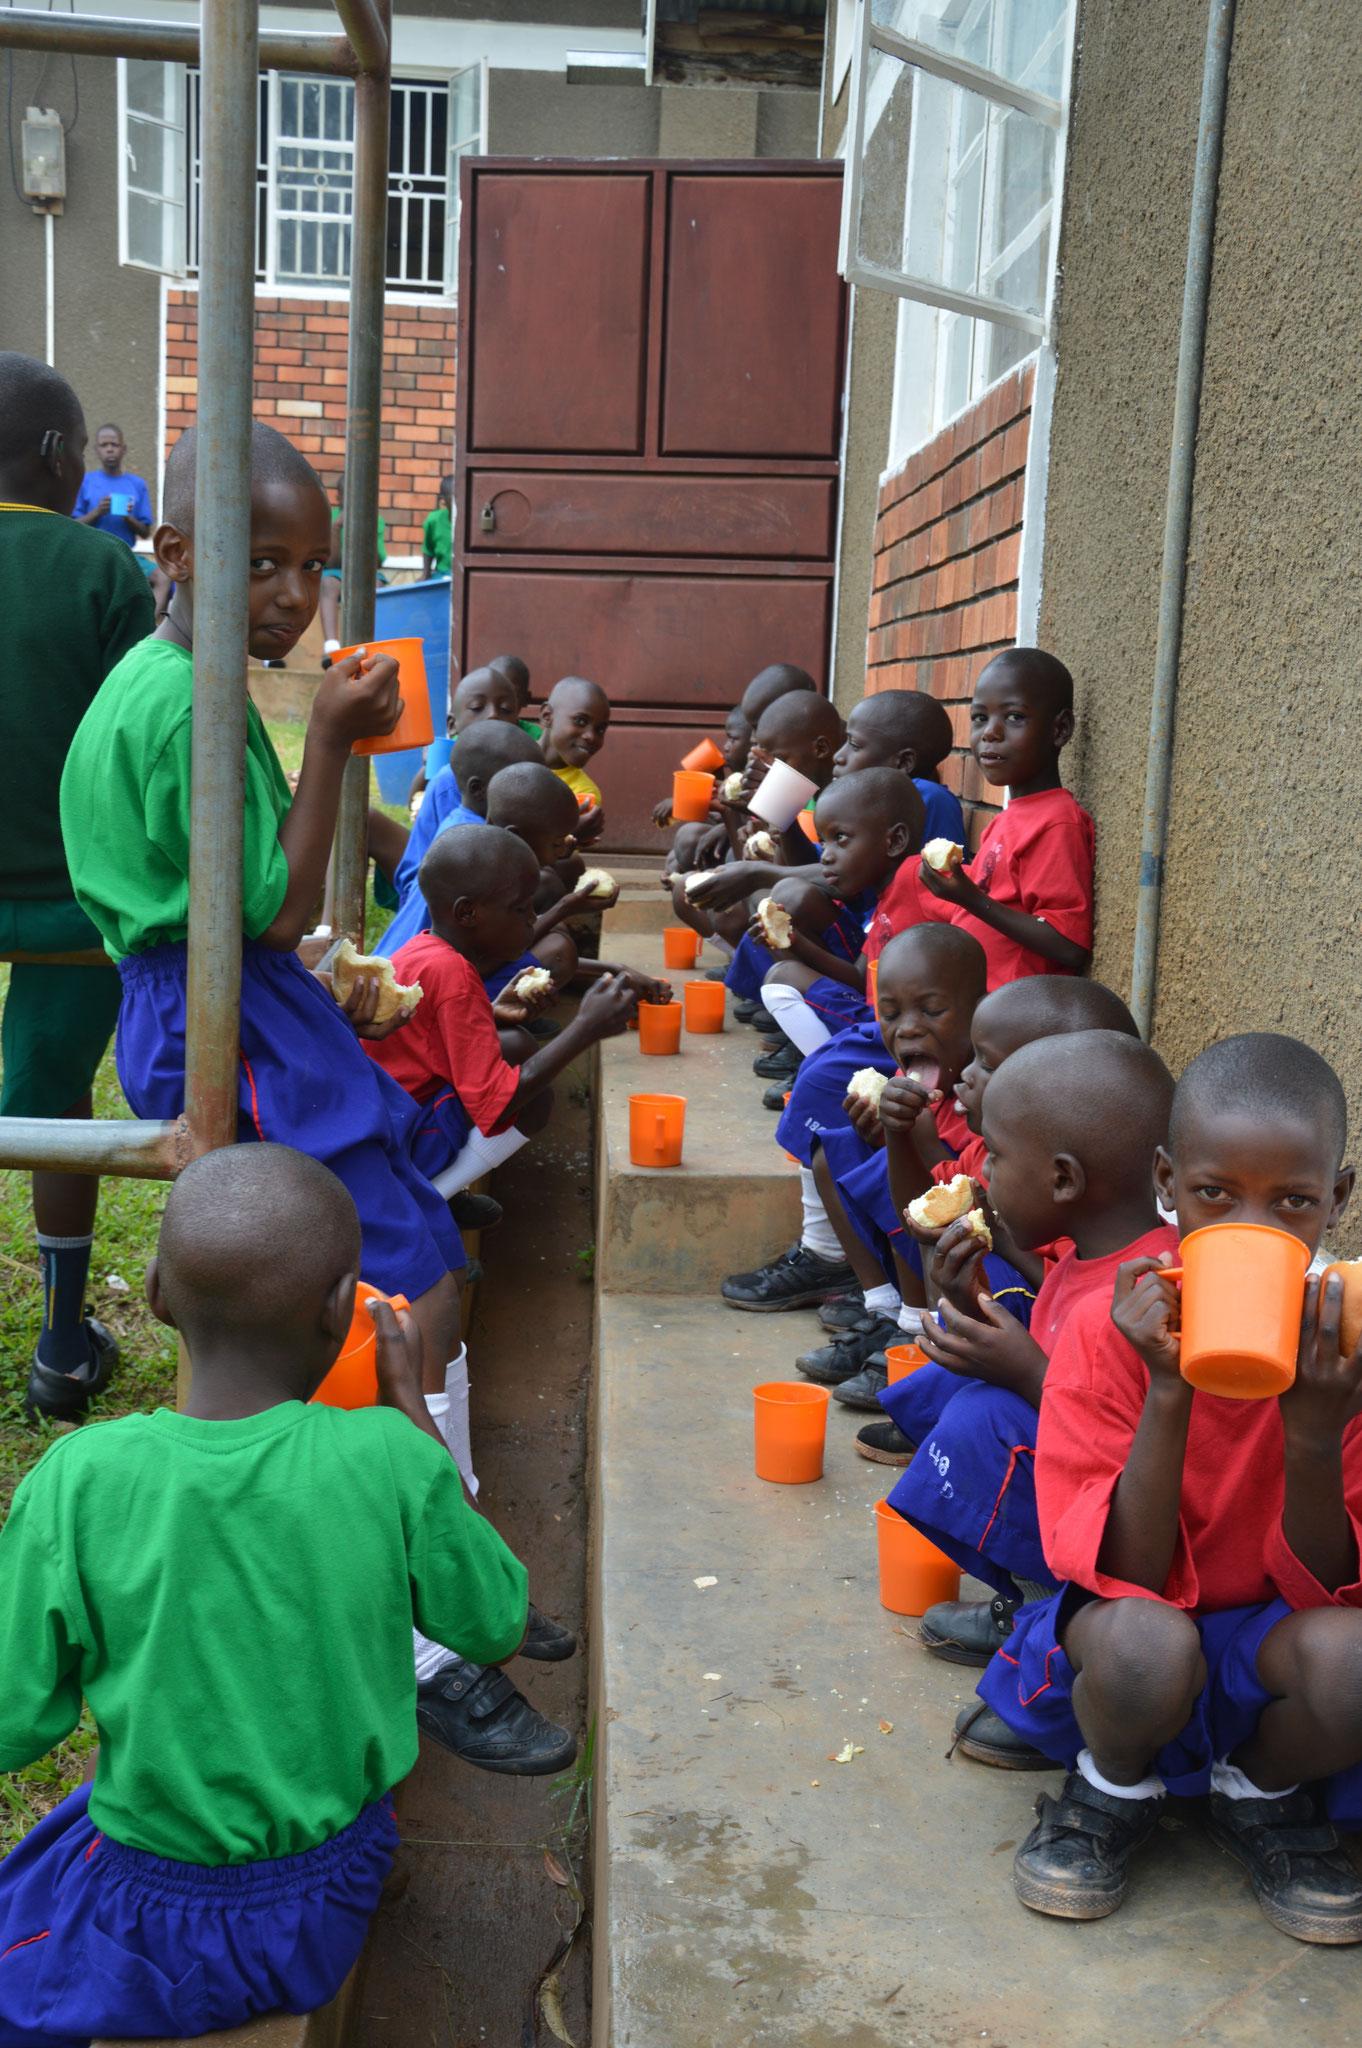 Kids beim Poregge trinken